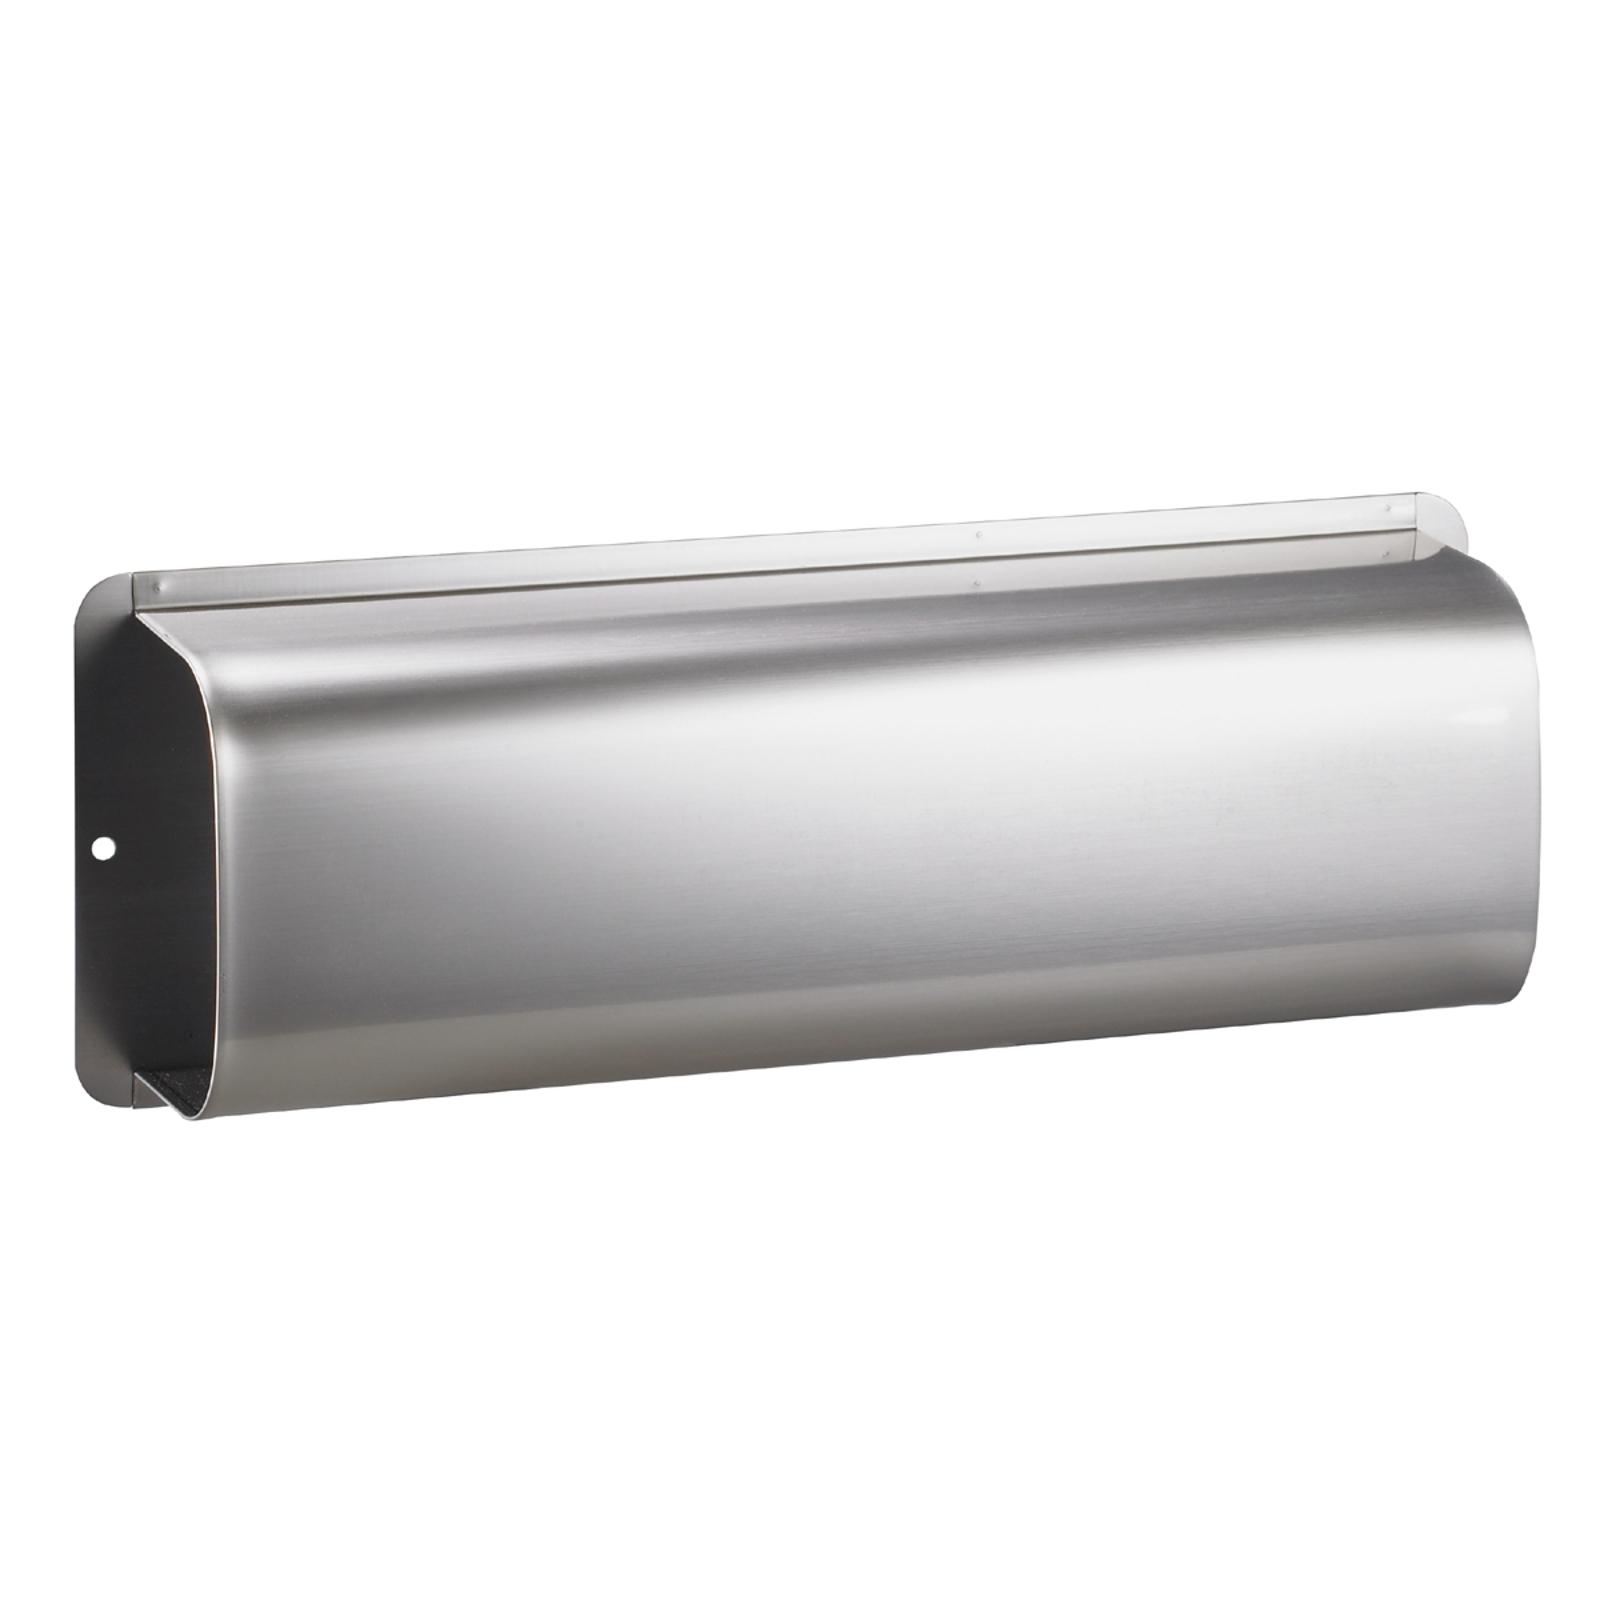 Caja de prensa compatible con buzón RAIN